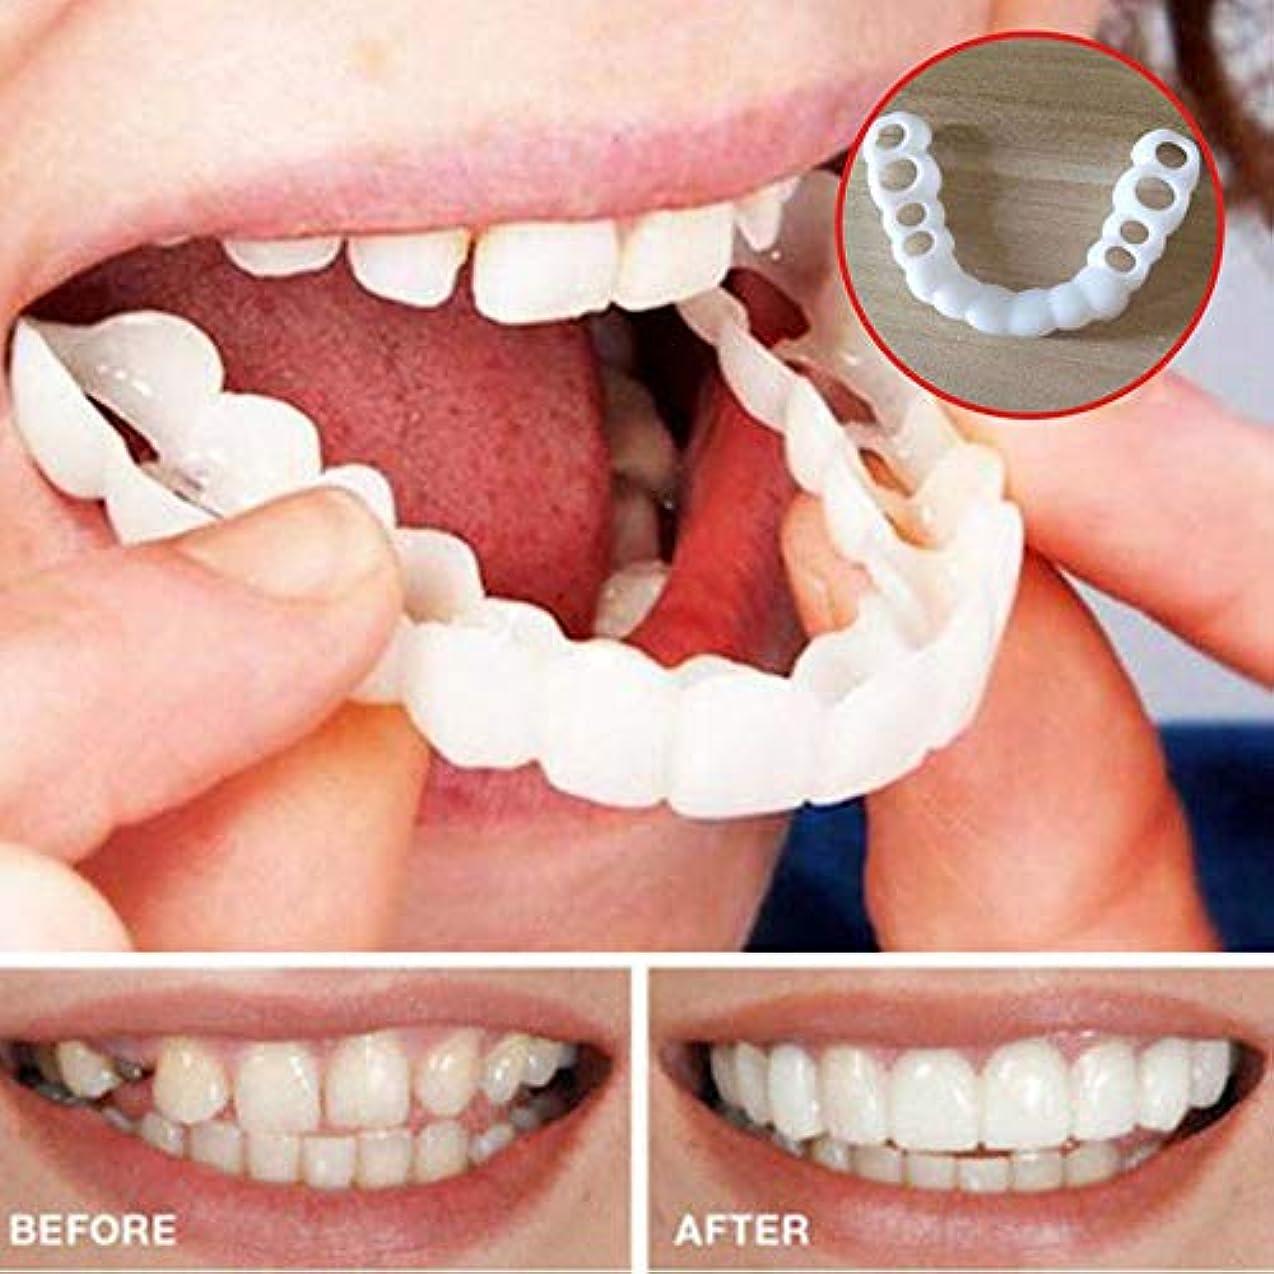 シエスタ寂しいアプライアンスシリコンシミュレーション歯ホワイトニングブレース(10個),Upper